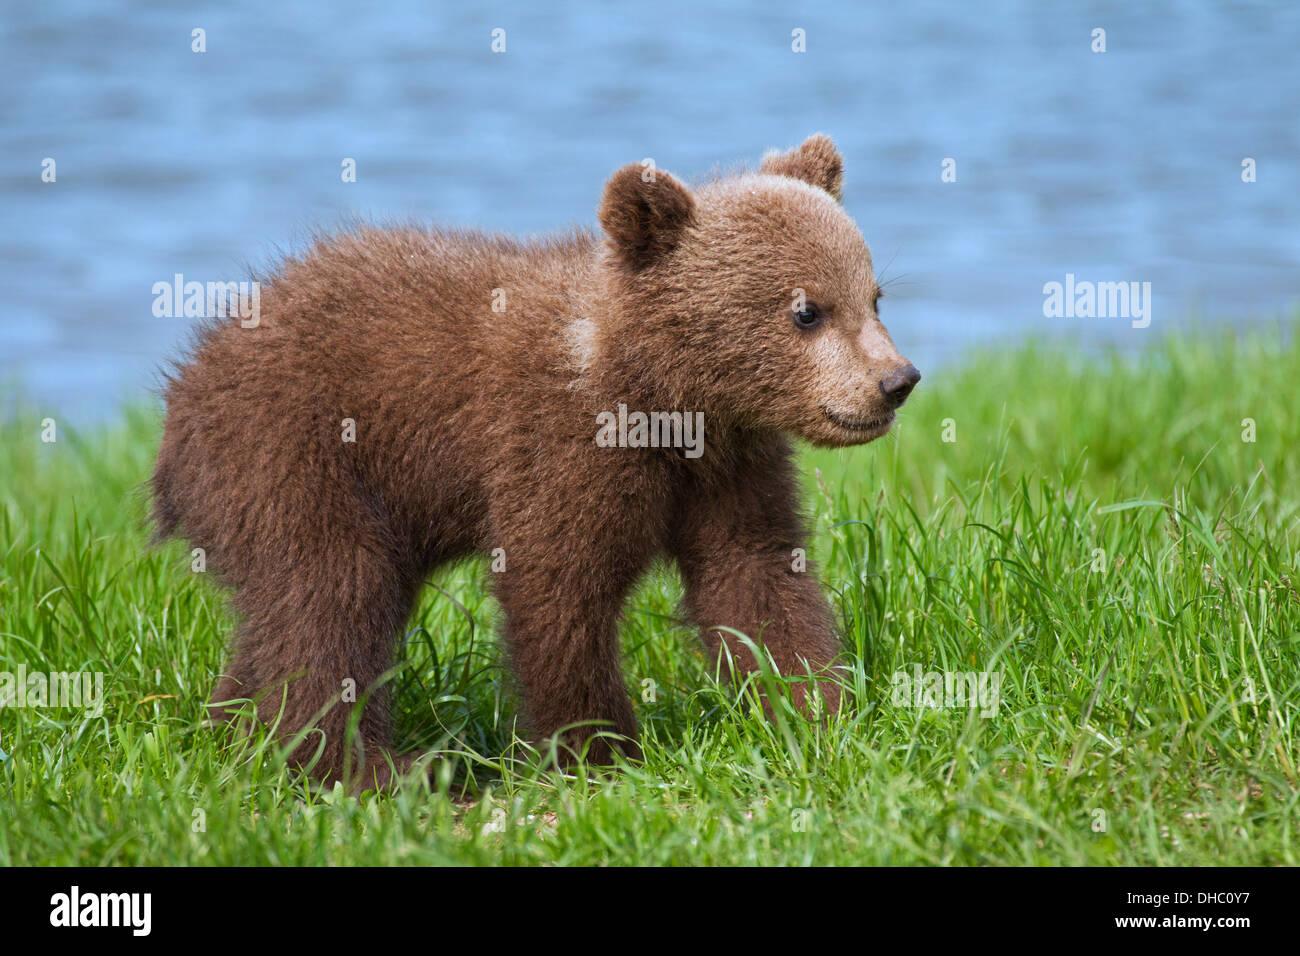 Europäischer Braunbär / eurasischen Braun (Ursus Arctos Arctos) Bärenjunges am Ufer / Lake shore Stockfoto